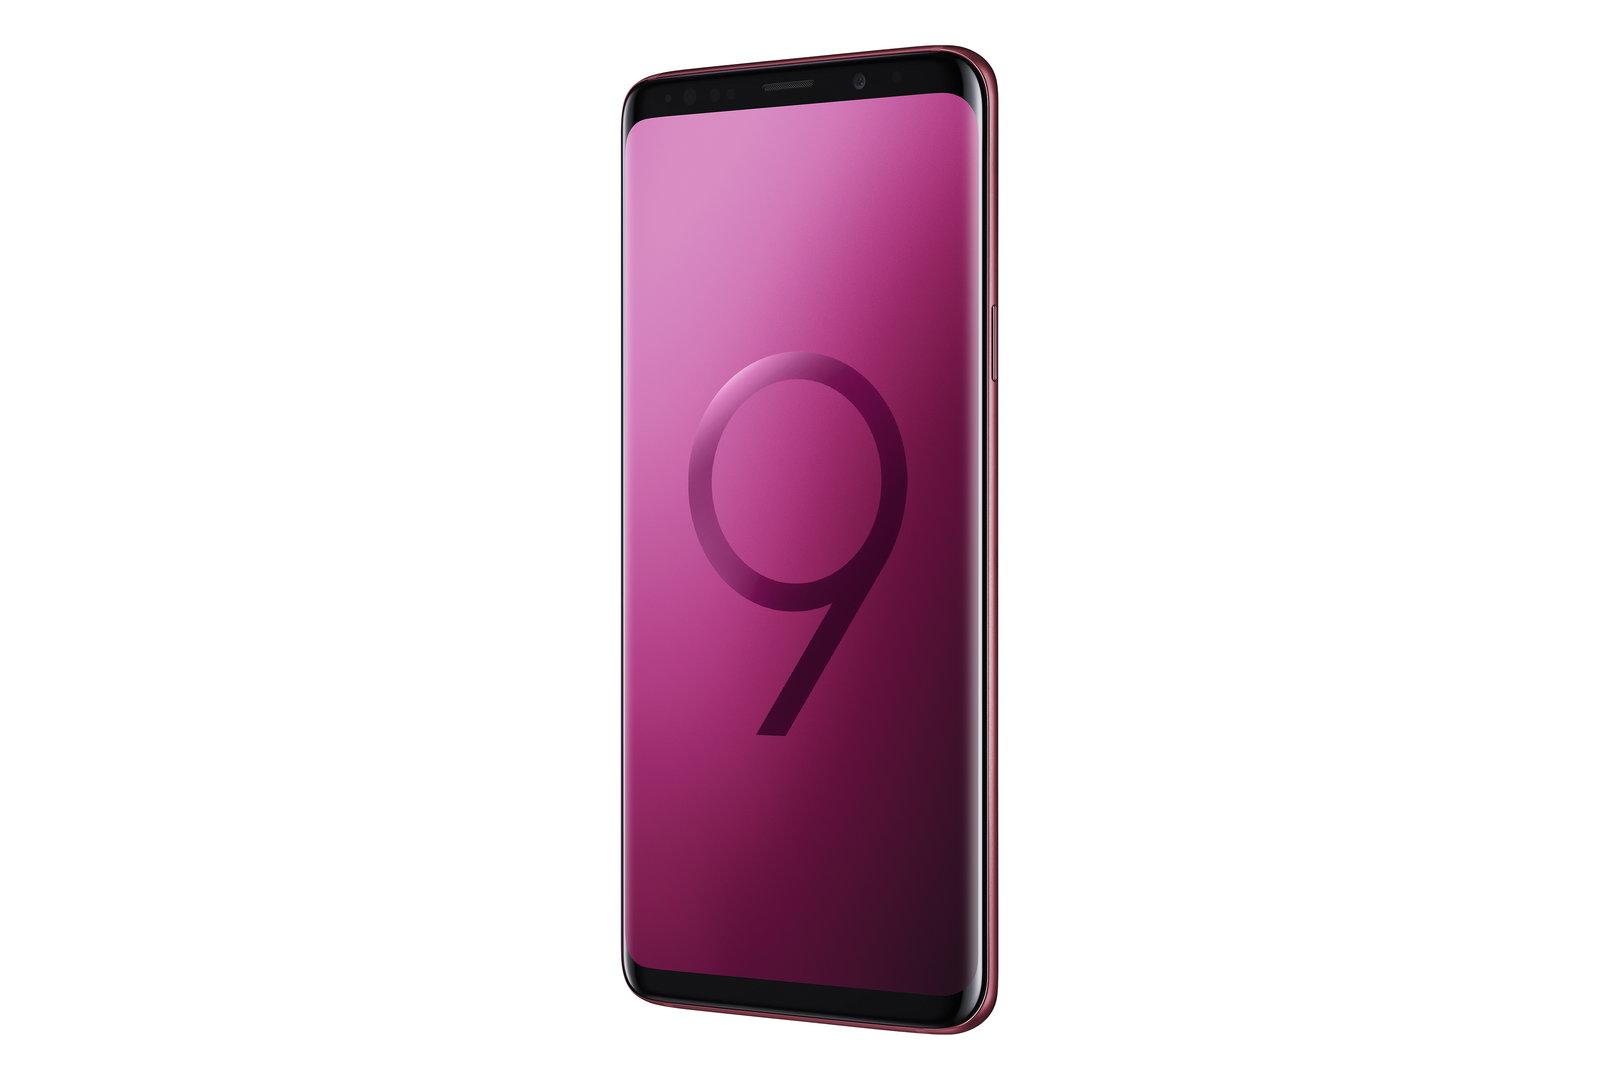 Samsung Galaxy S9 und S9+ in Burgundy Red